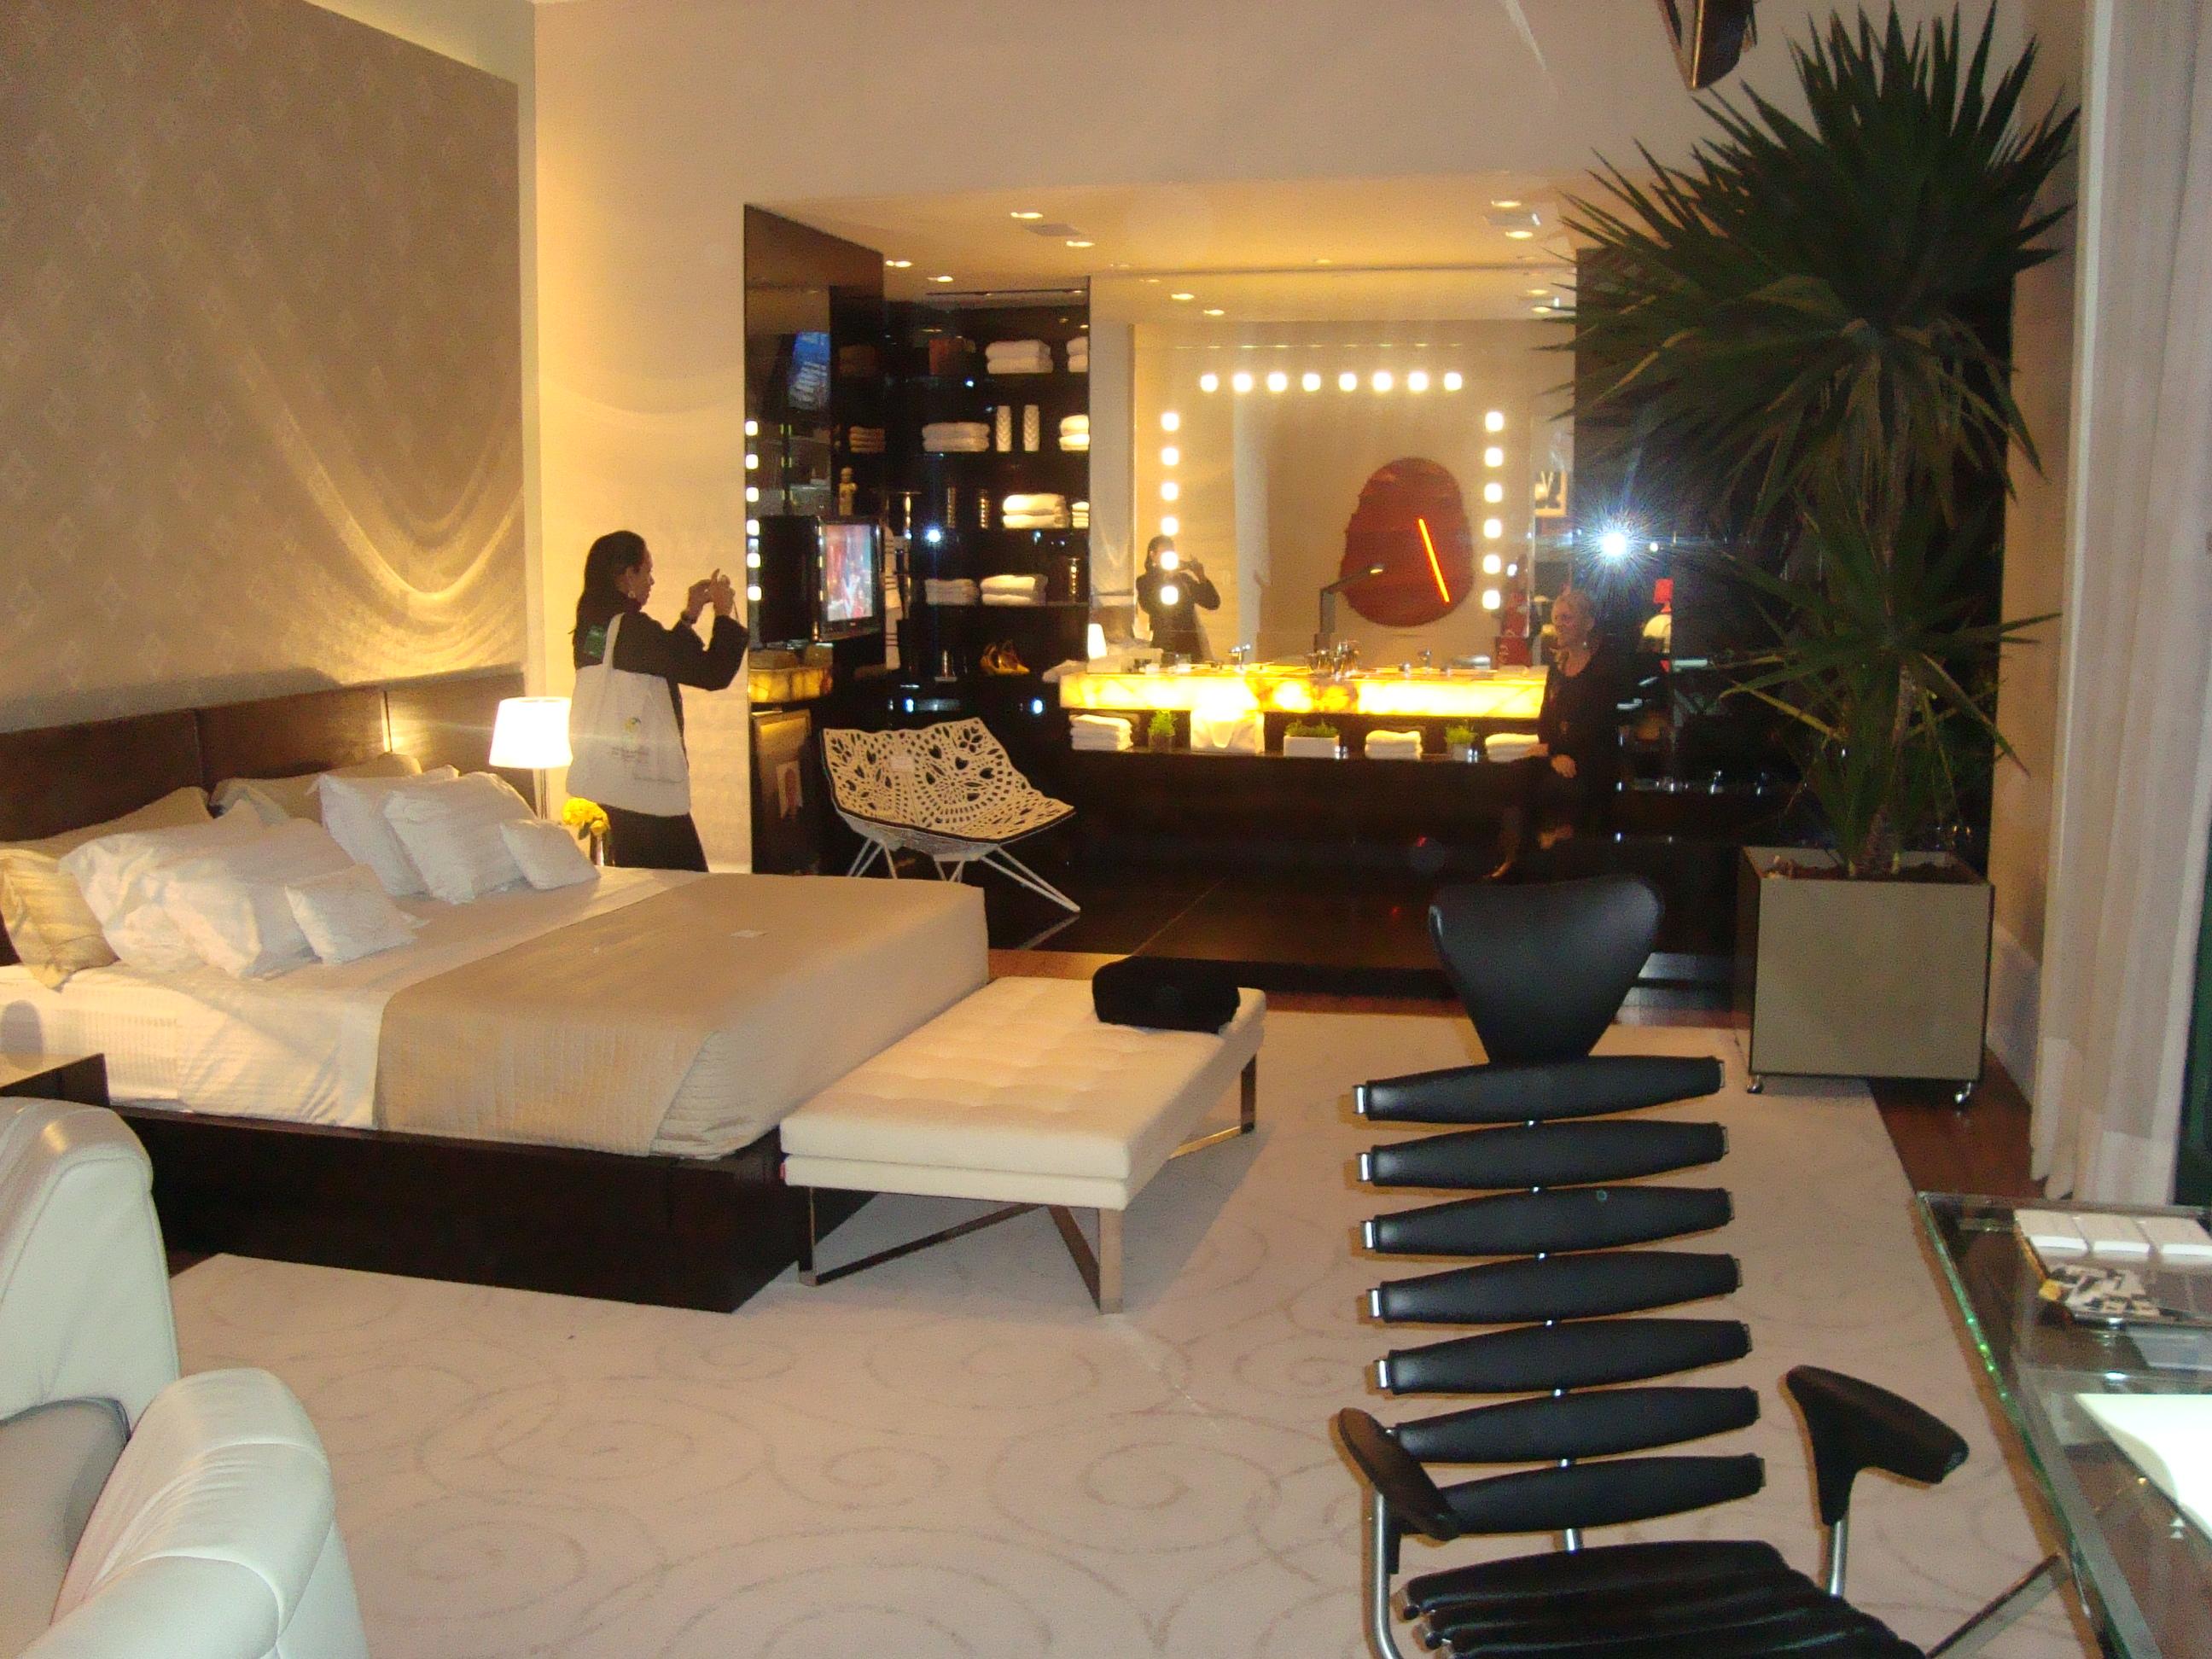 dicas-de-decoracao-de-quarto-casa-cor-2009-suite-master-apartamento-oscar-mikail-2